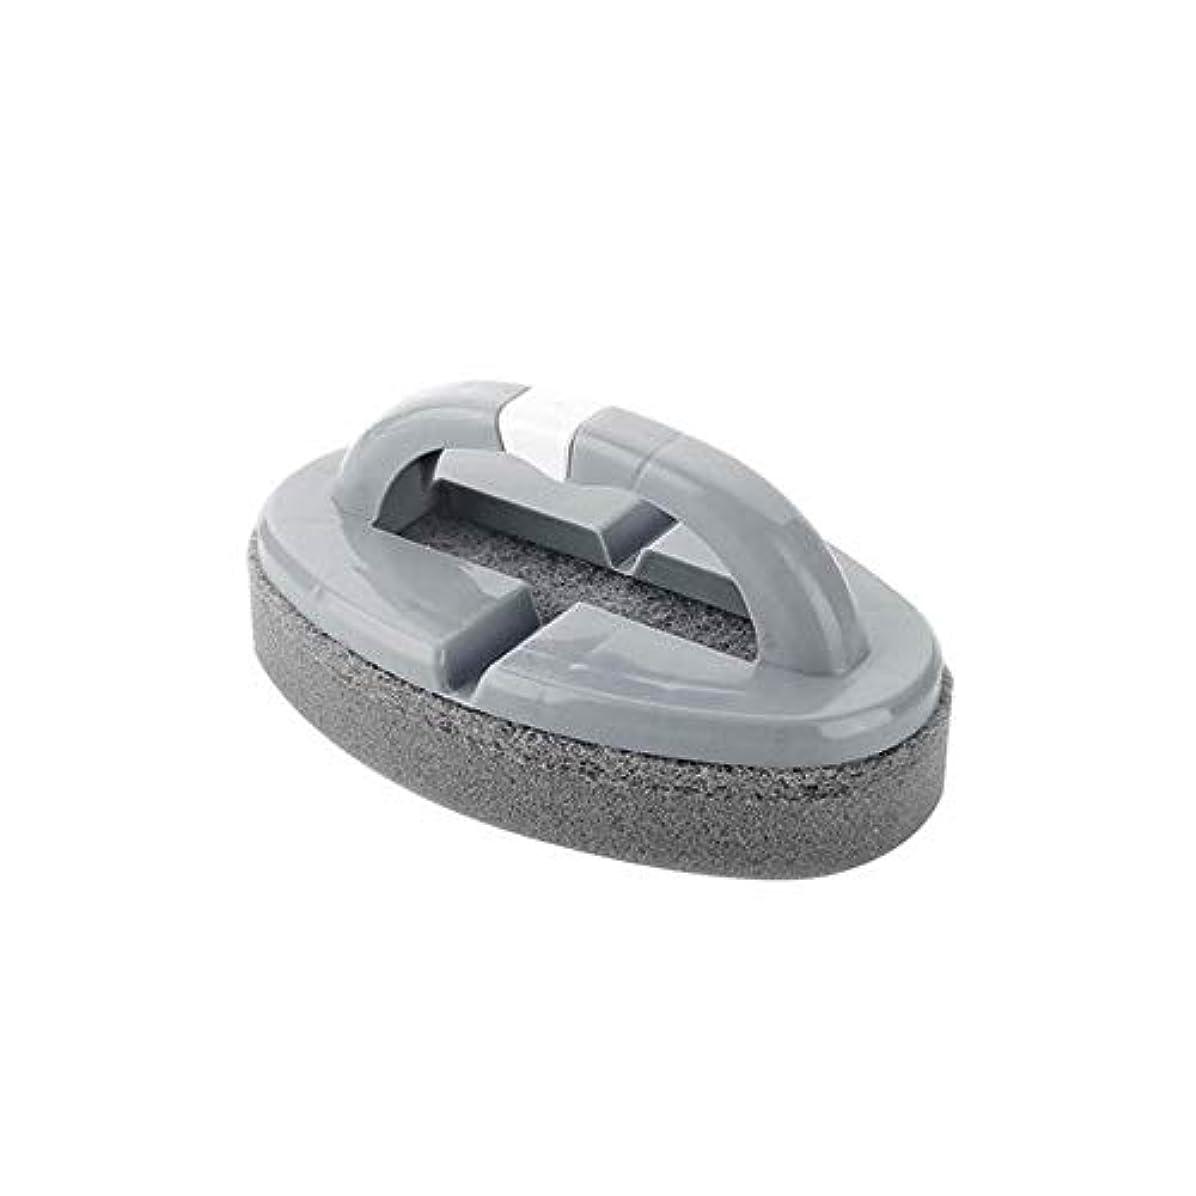 調停するシーズン連帯ポアクリーニング 折りたたみスポンジハンドル付きハンドルバスルームタイルクリーニングブラシ2 PCS マッサージブラシ (色 : C)